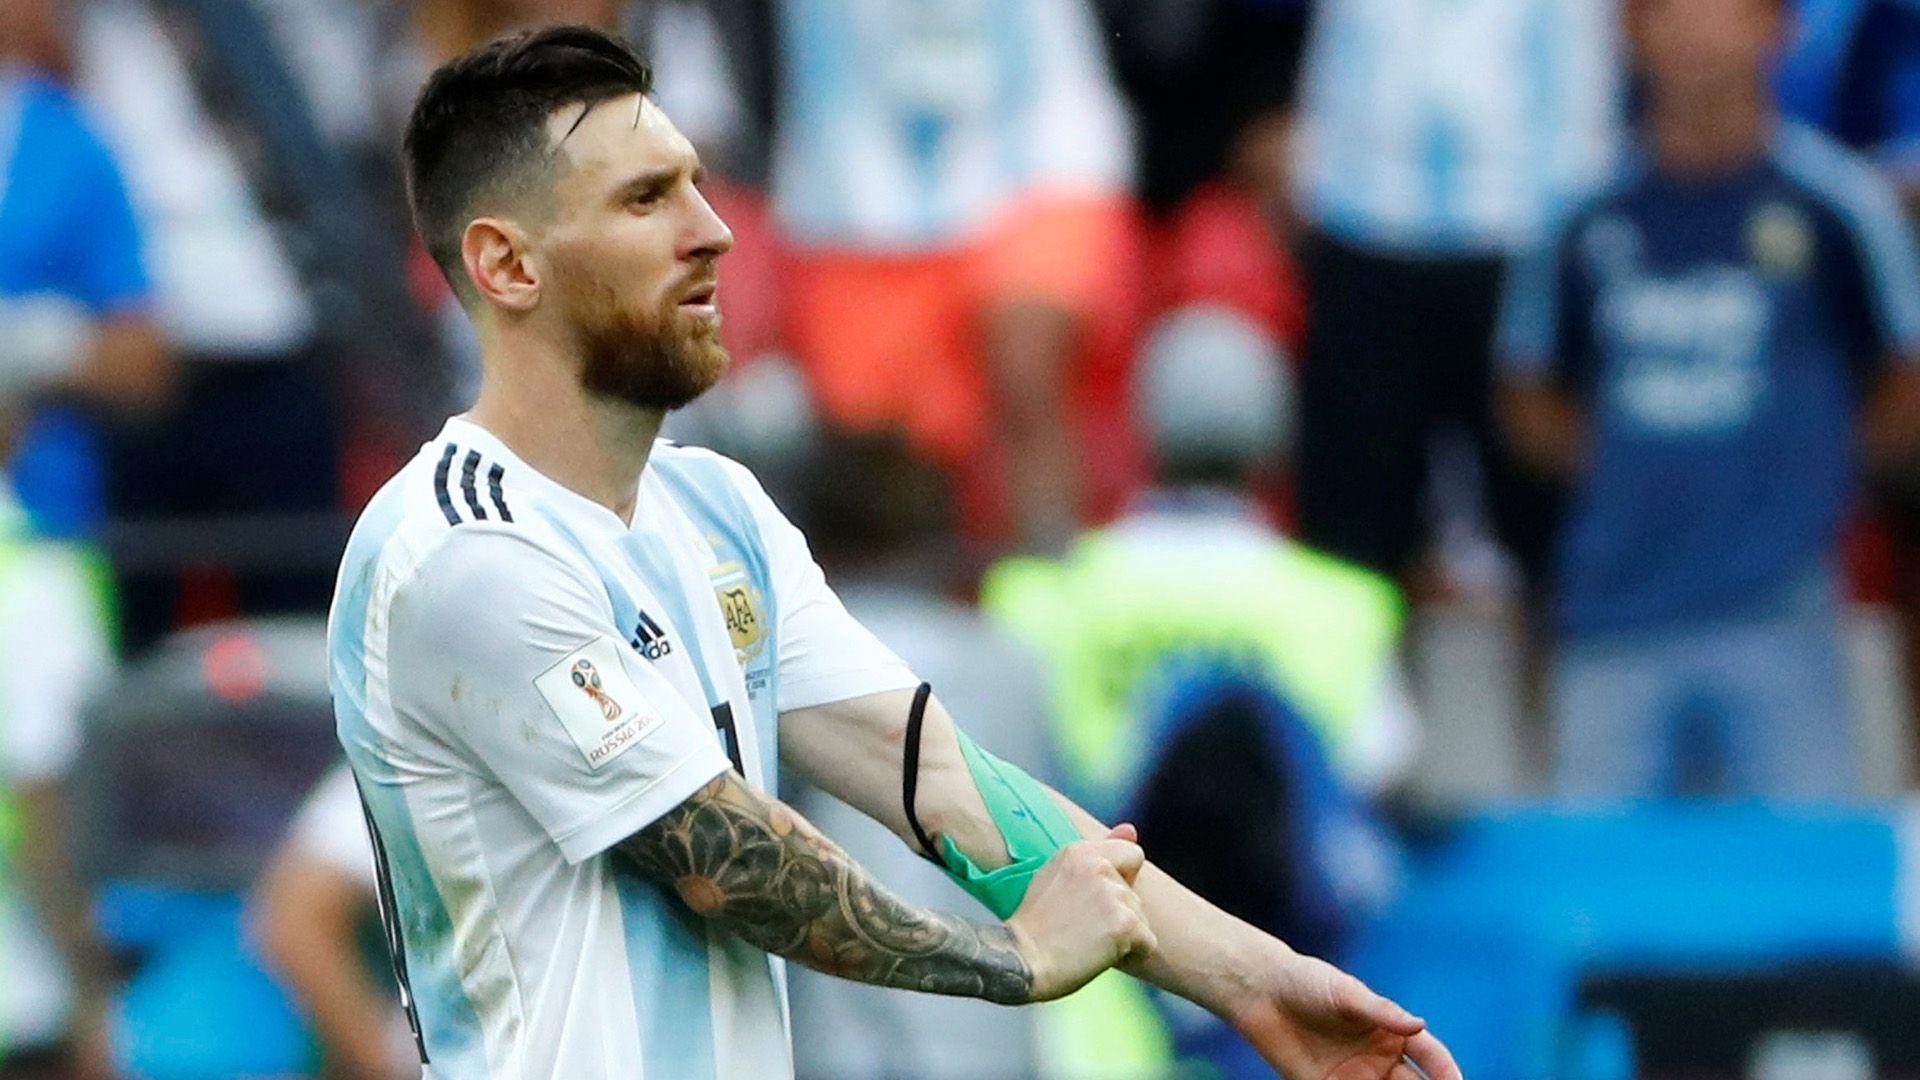 Una de las últimas imágenes de Lionel Messi con la cinta de capitán de la Selección argentina